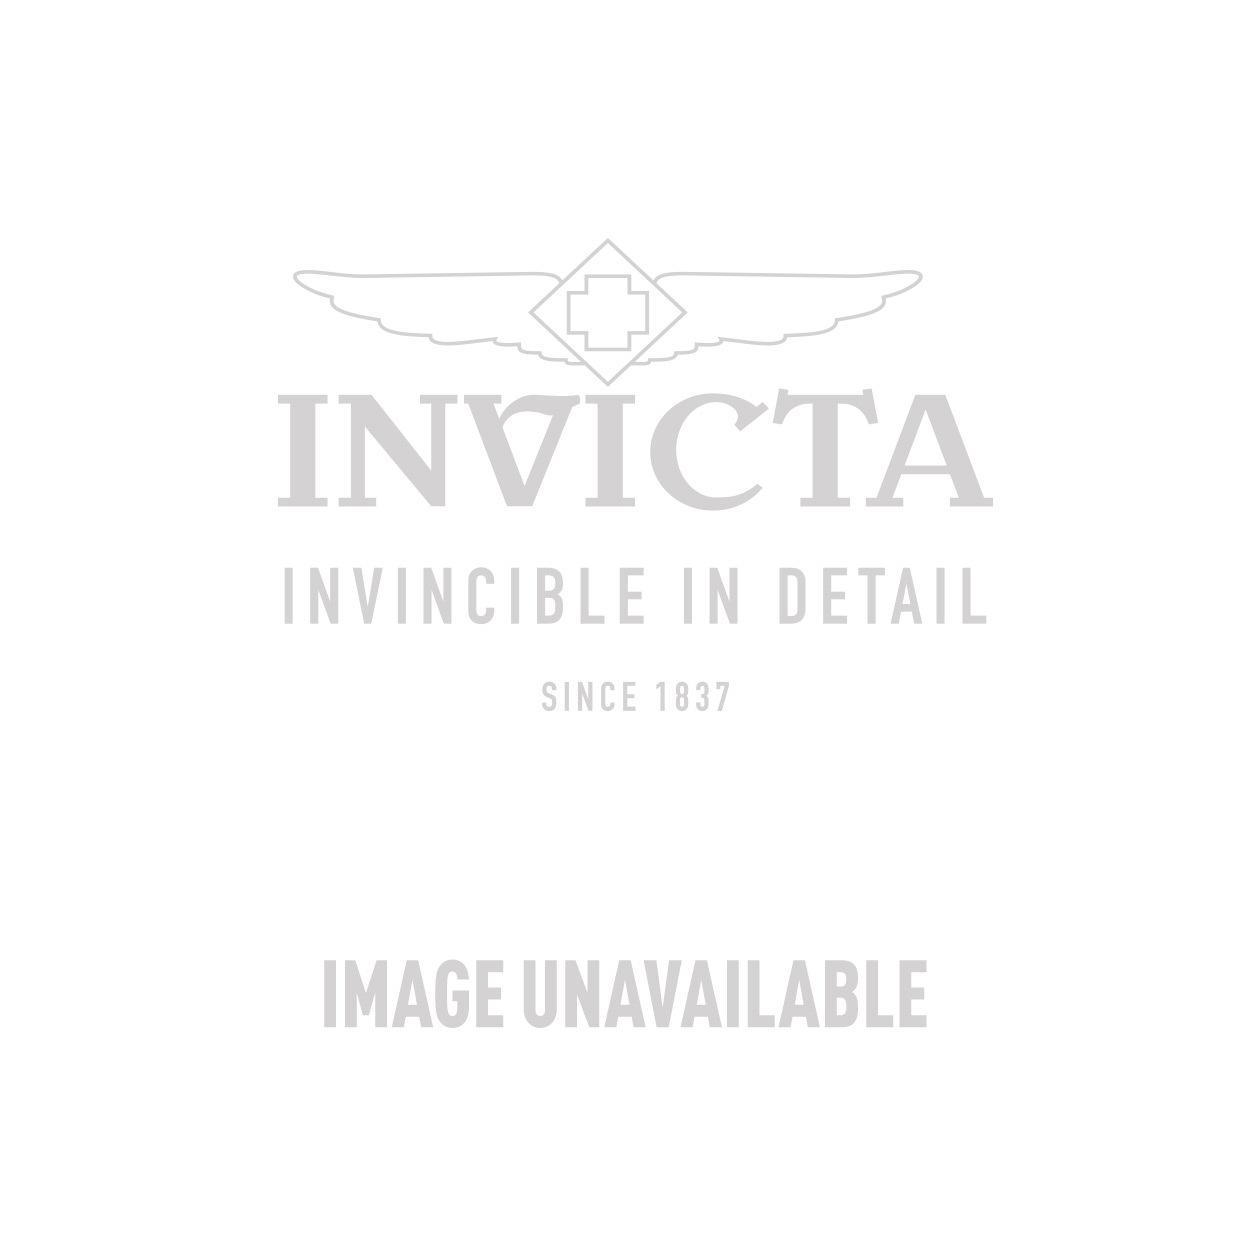 Invicta Model 25501